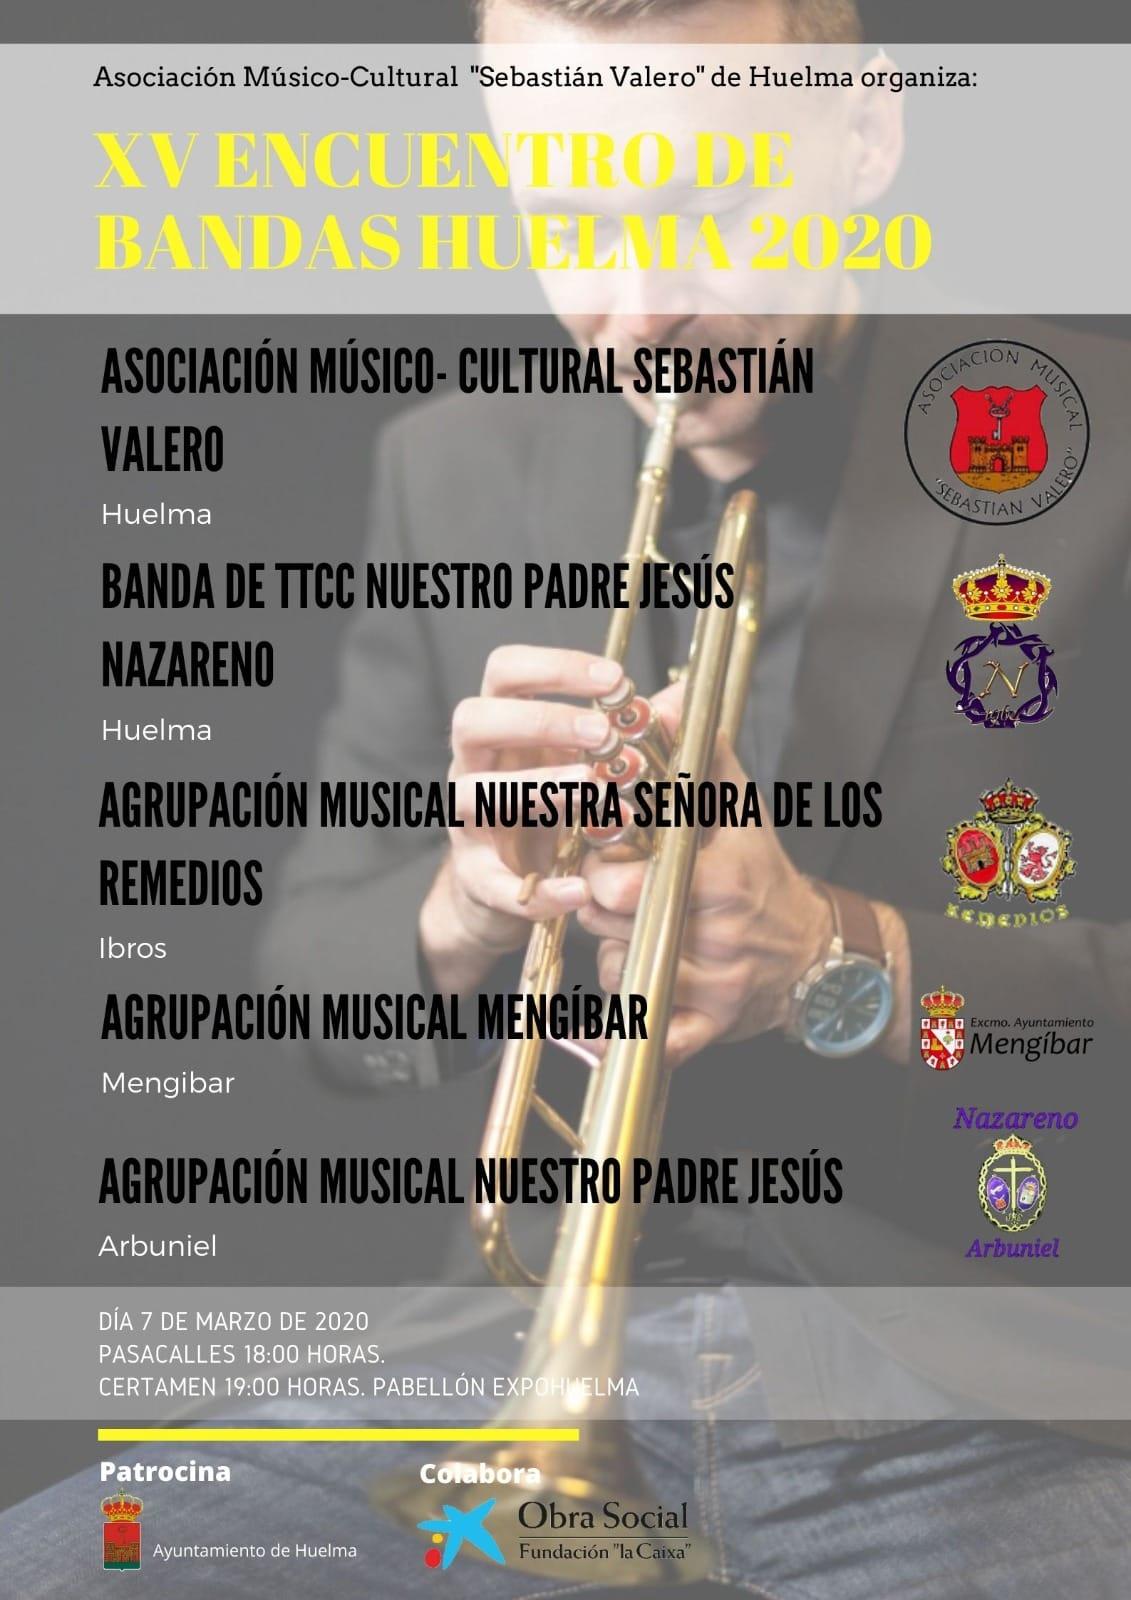 SÁBADO 7 MARZO 2020. XV ENCUENTRO DE BANDAS EN HUELMA